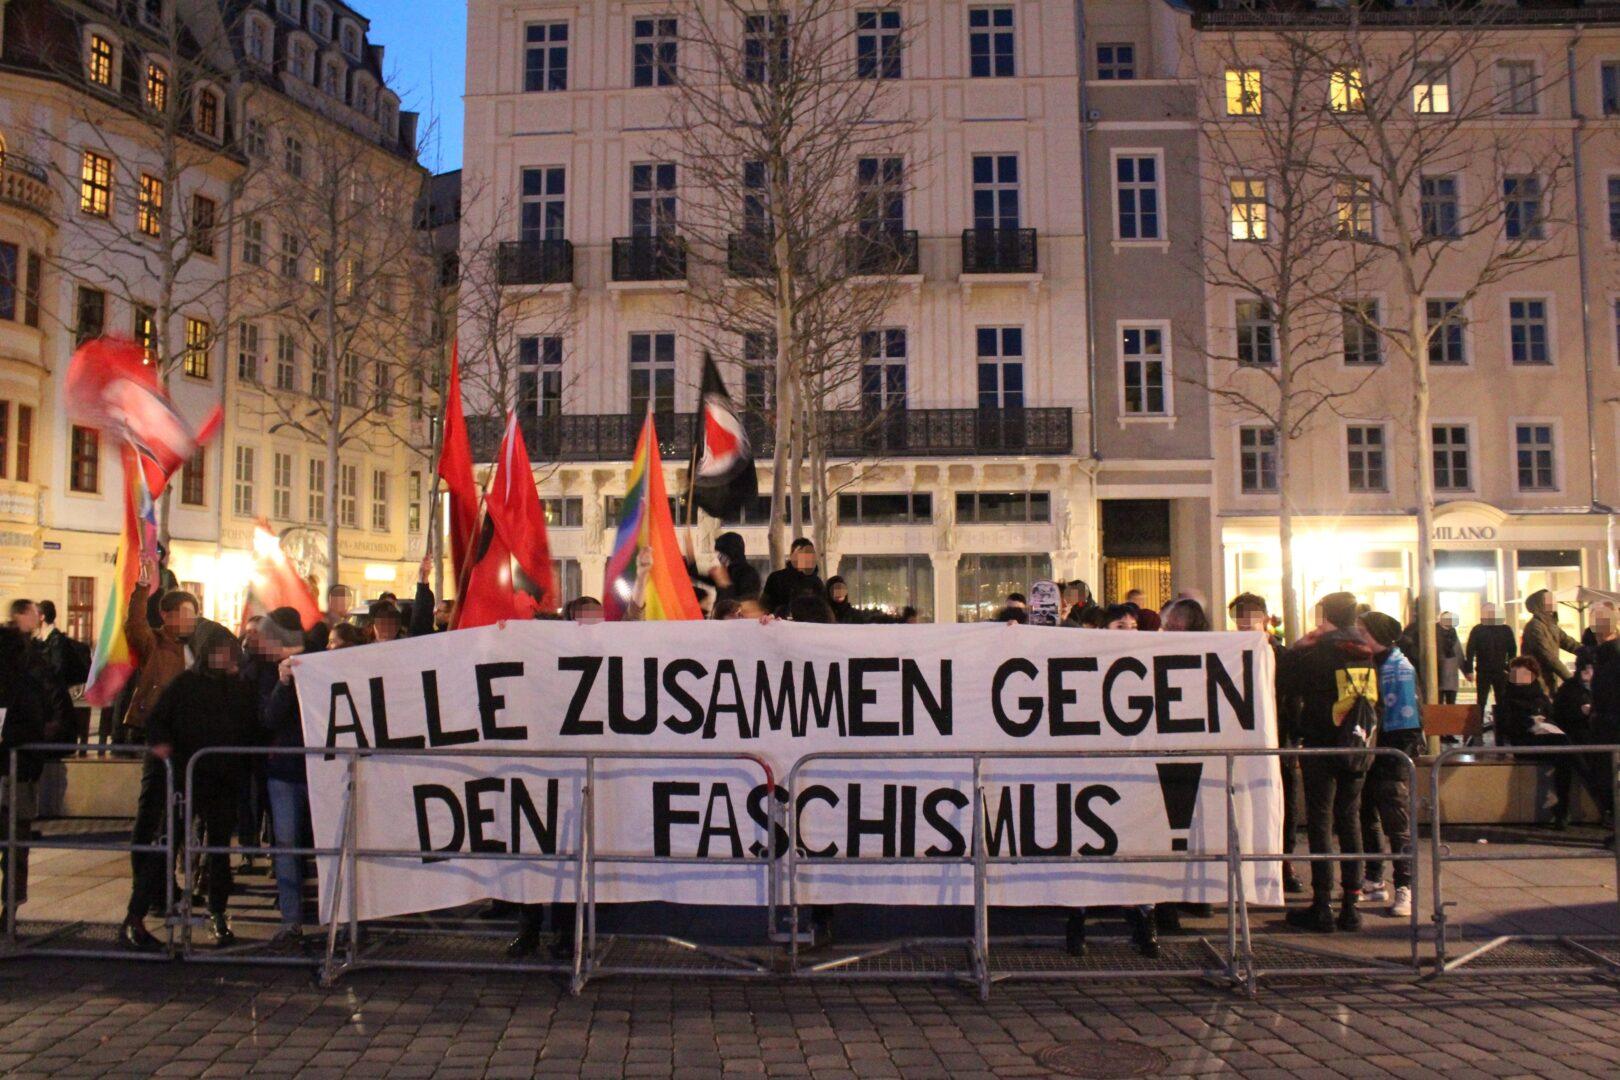 Proteste gegen Pegida, rassistischen Terror und der Situation an den Außengrenzen Europas | Alternative Dresden News